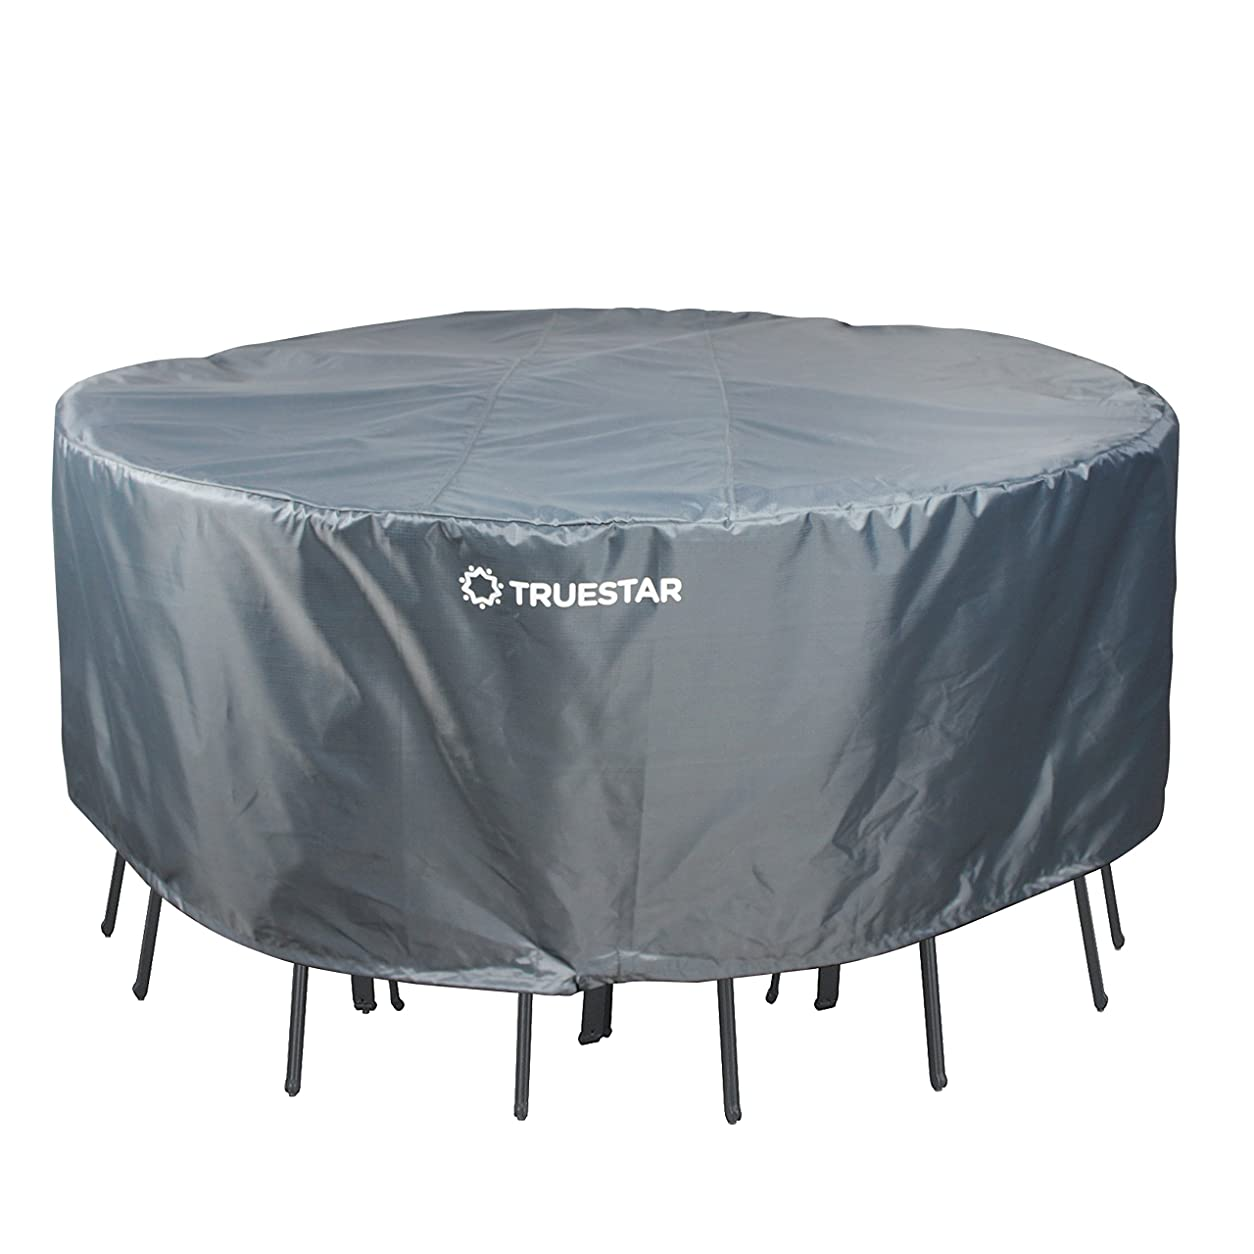 にはまって宿題をする正午Truestar Round Patio Table & Chair Set Cover, Water Resistant Outdoor Furniture Cover, Dinning Set Cover, All Year Round Protection (TB01-GREY)